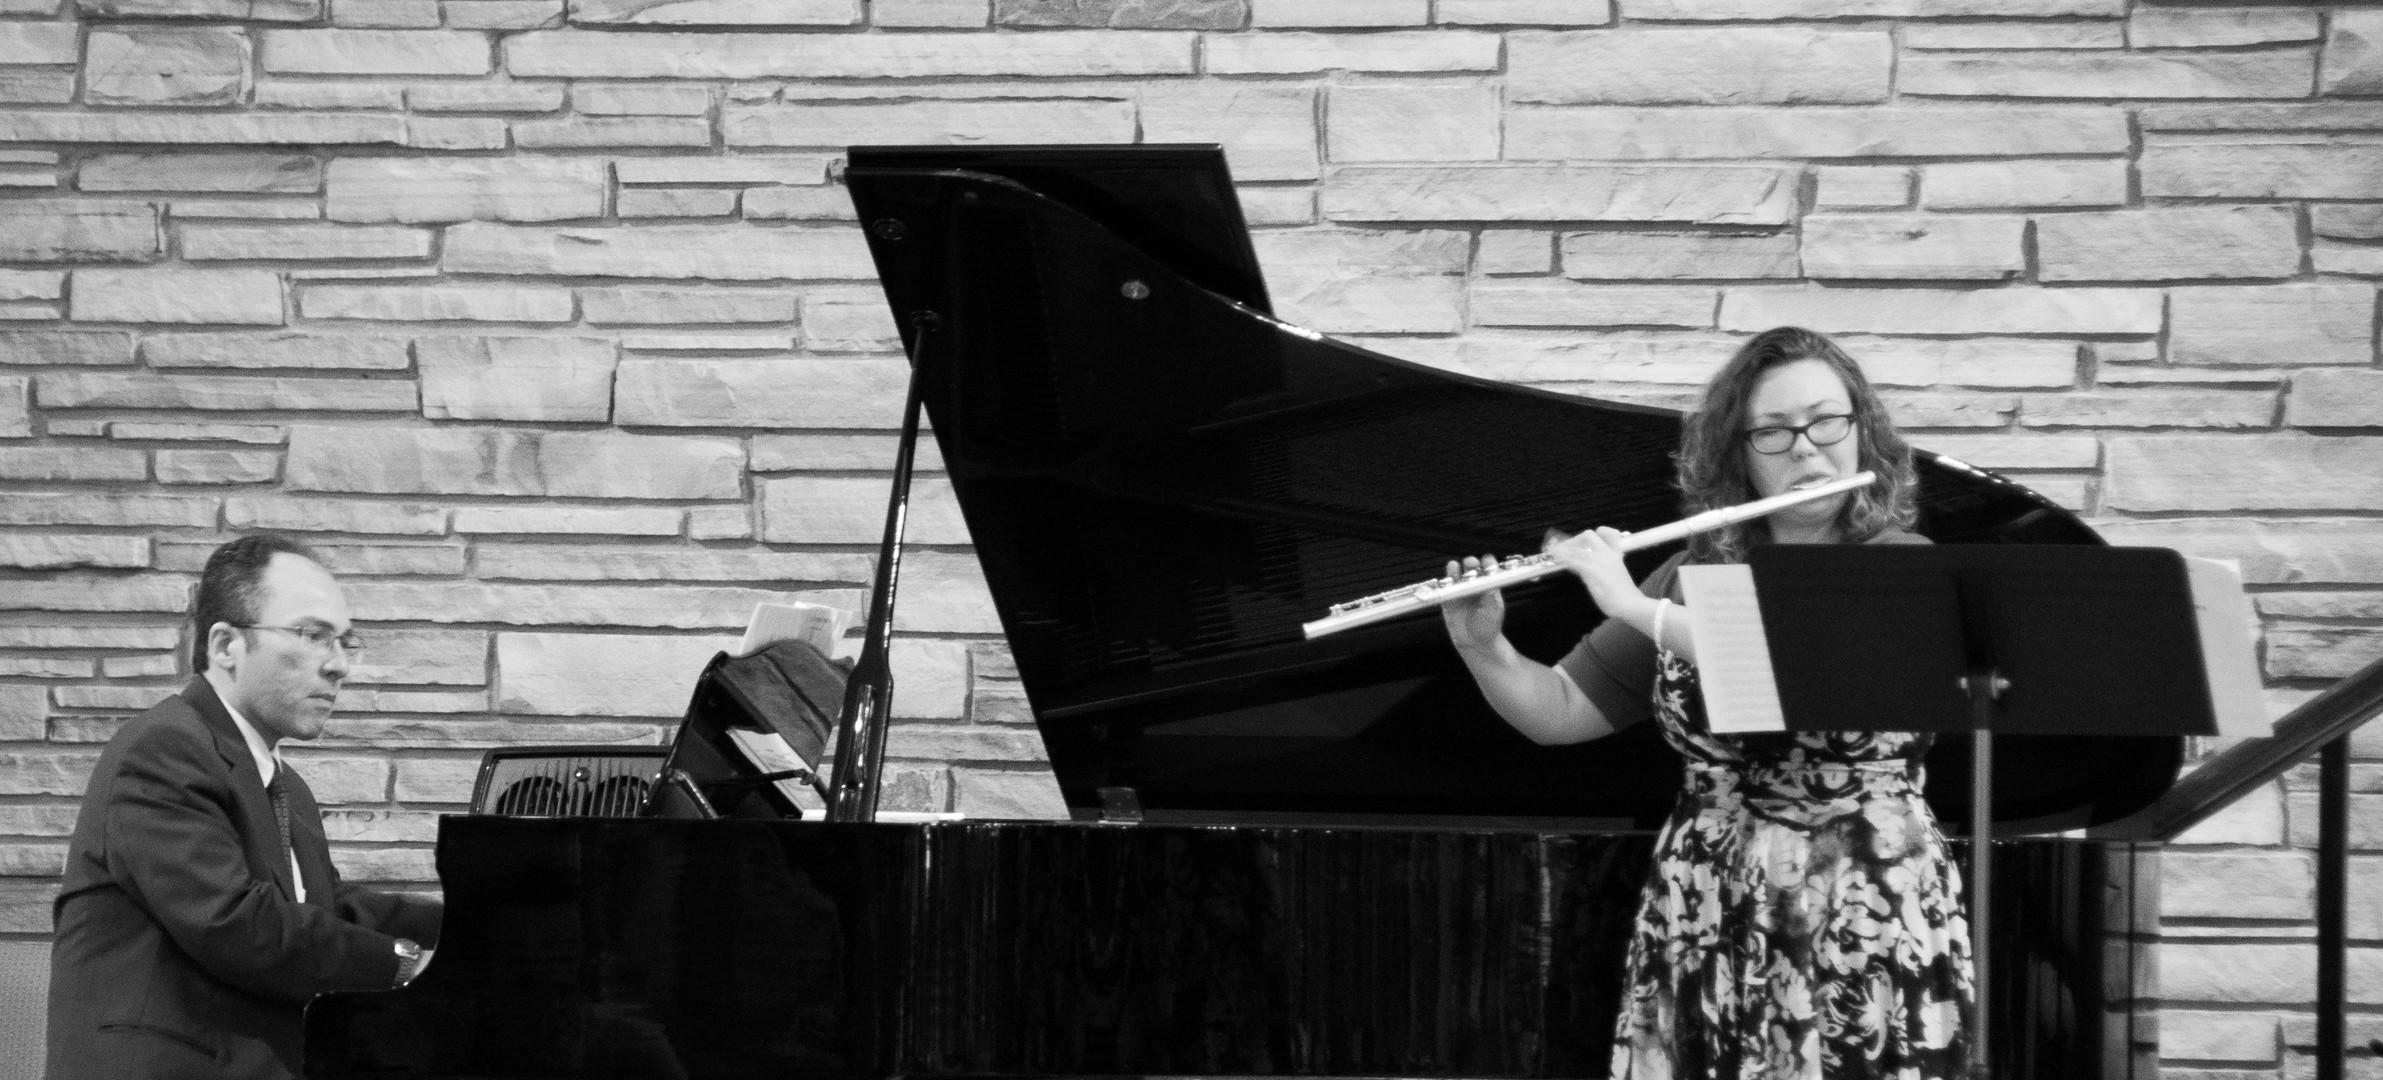 Last Sunday we praised God with gorgeous music!